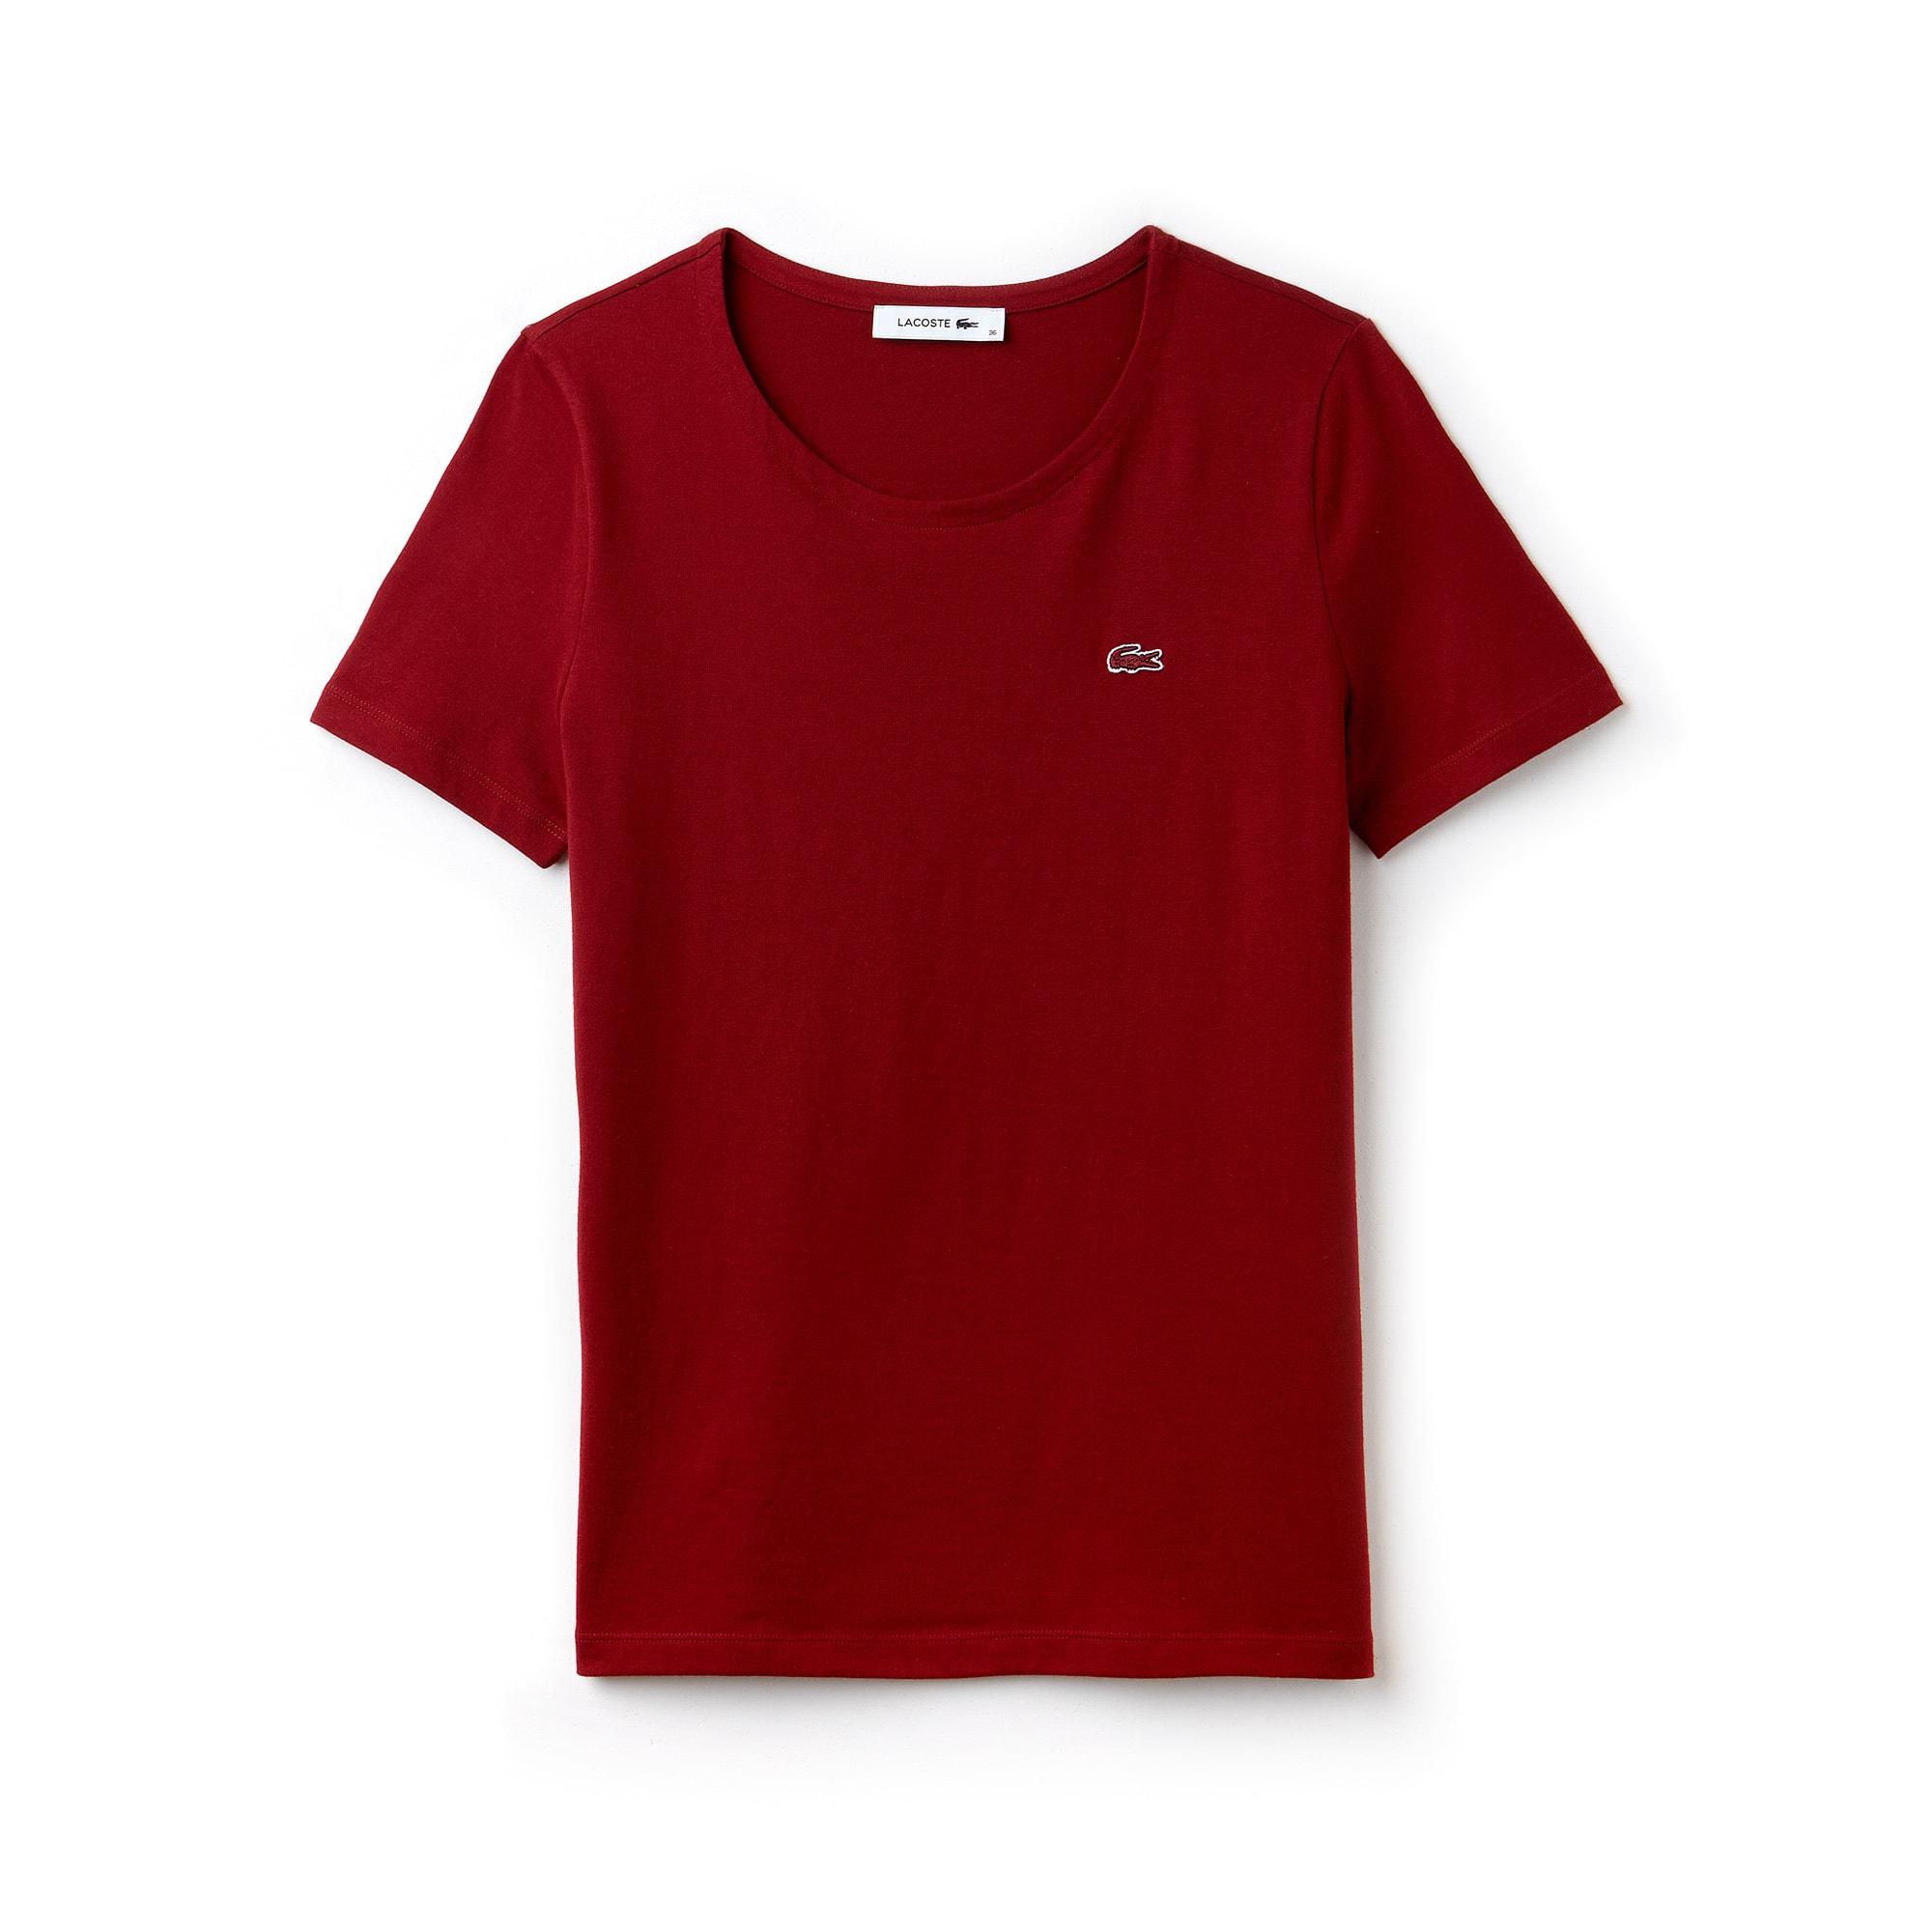 Damen-Rundhals-T-Shirt aus fließendem Baumwolljersey